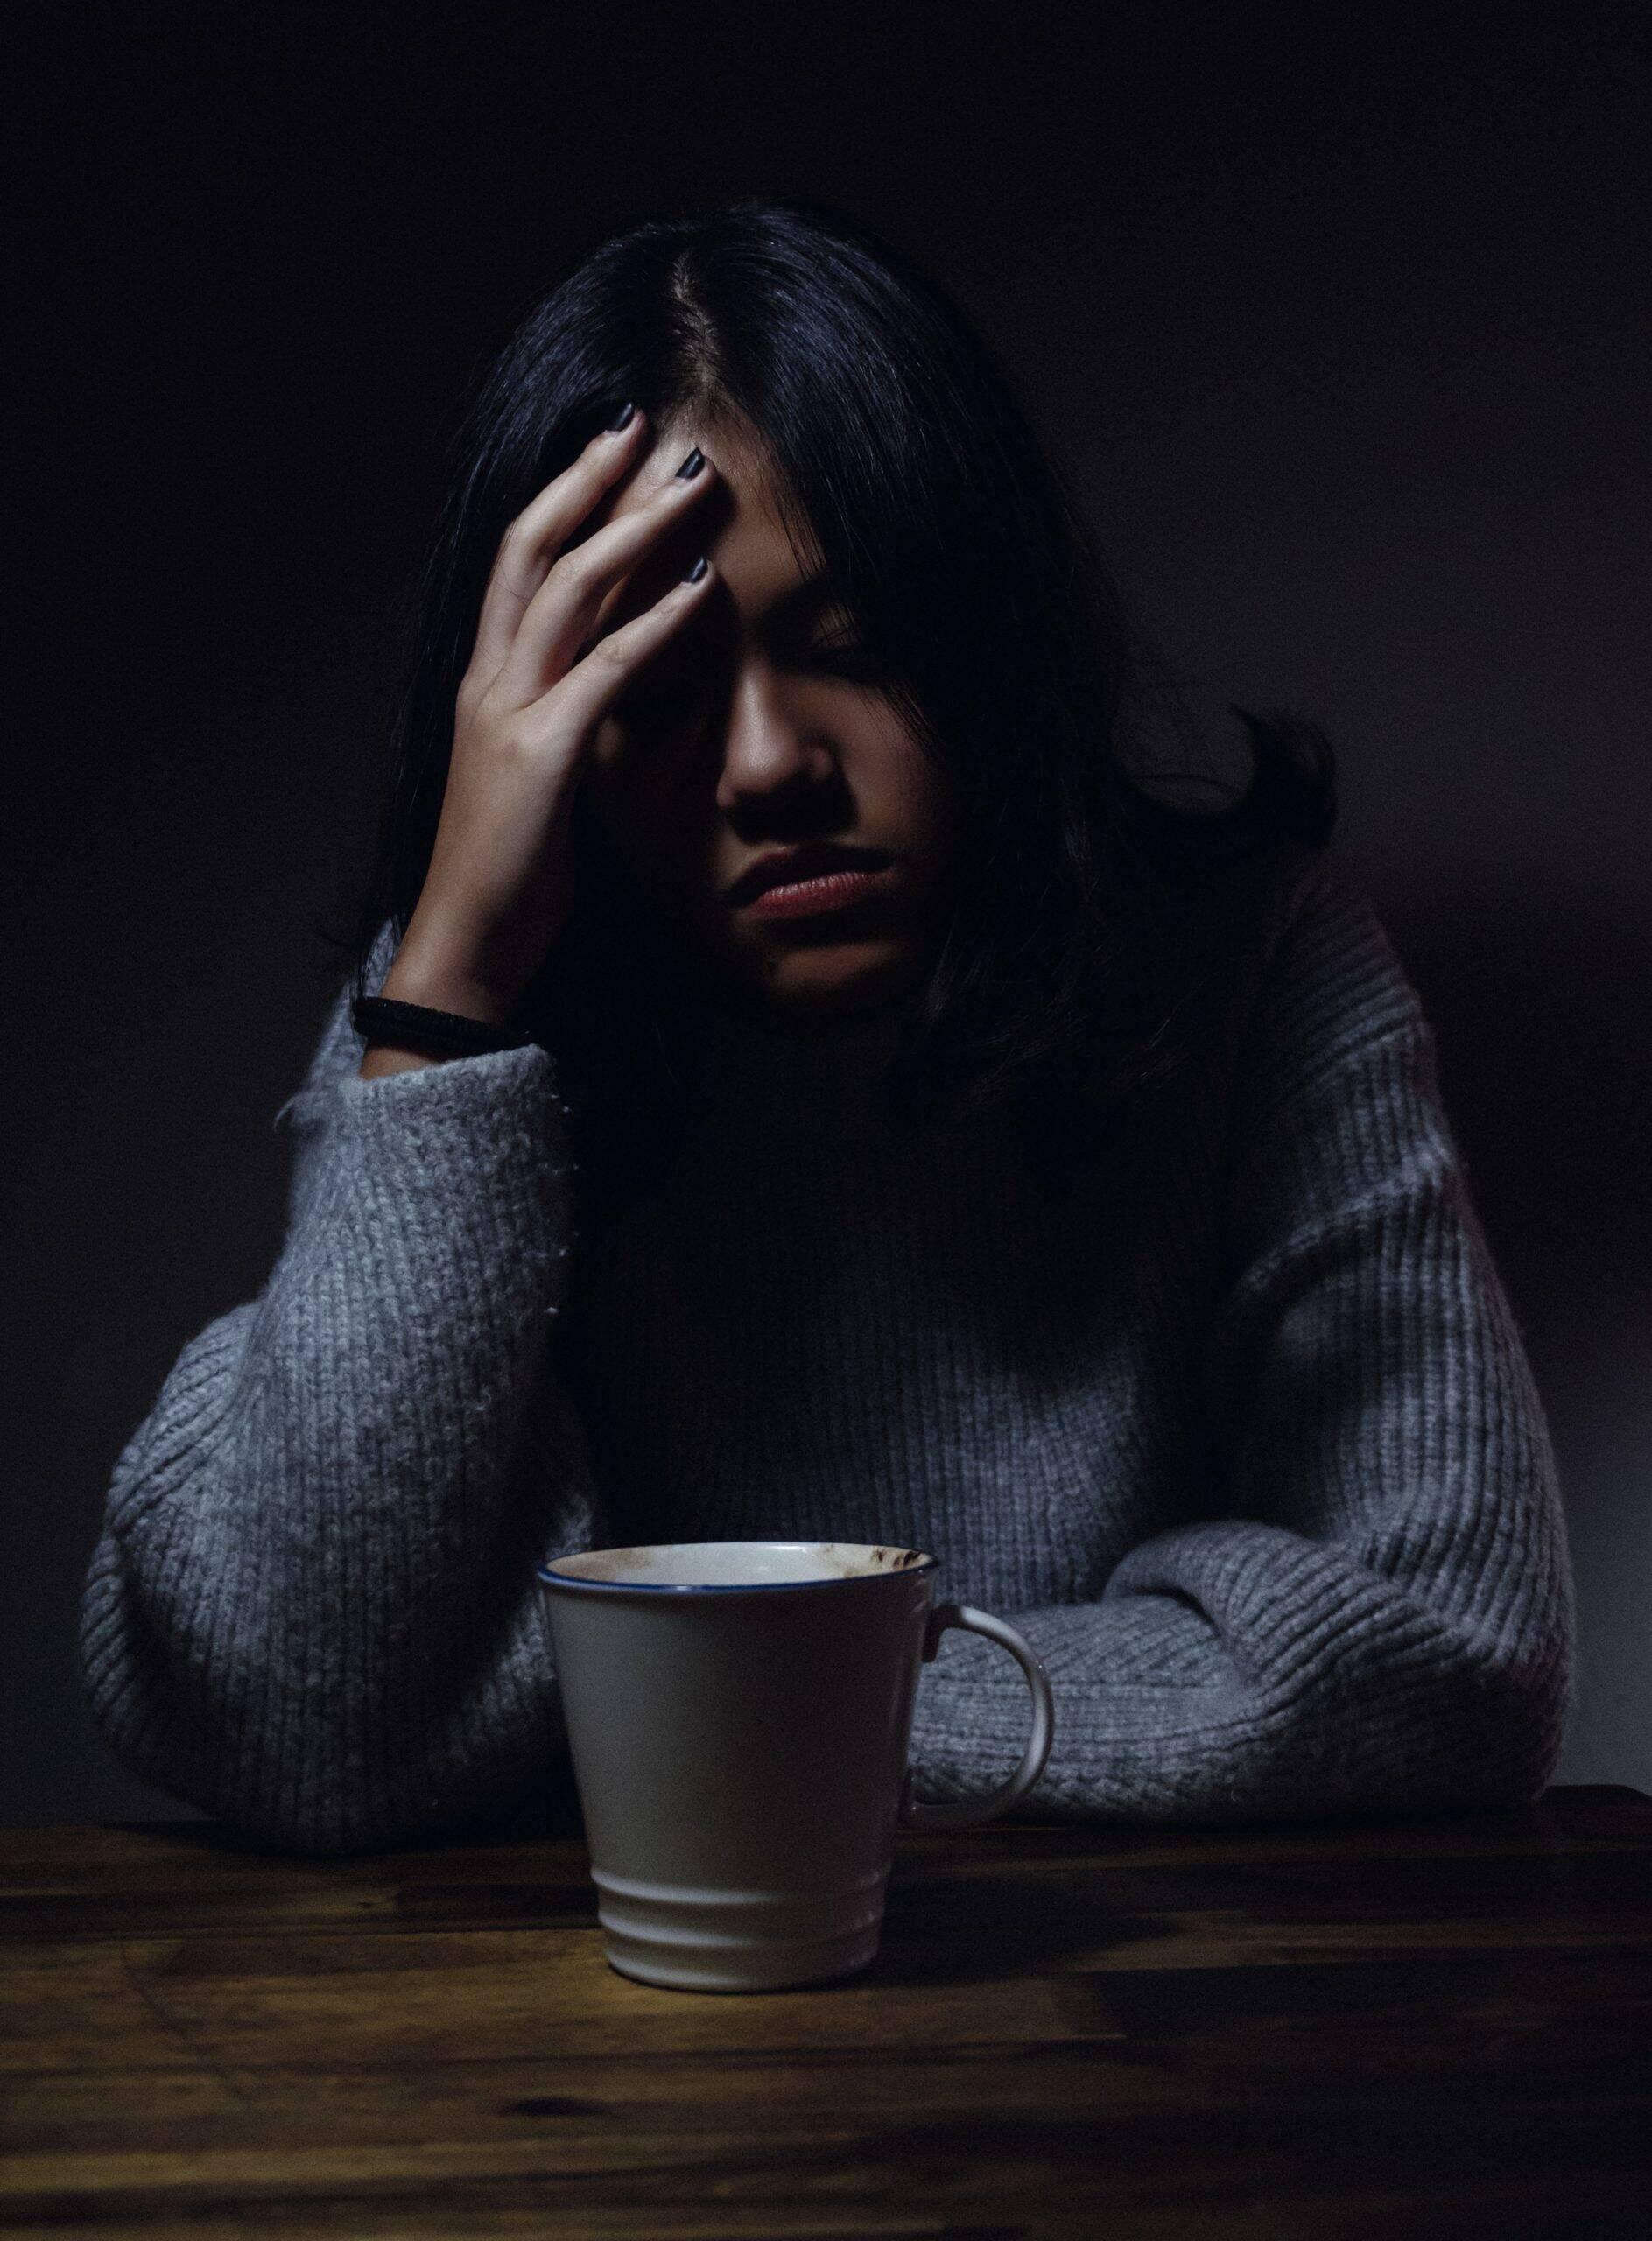 Os principais sintomas identificados até o momento são febres, dores de cabeça, dores musculares e dor de garganta. Além de sonolência, alterações da consciência. (Foto: Unsplash)